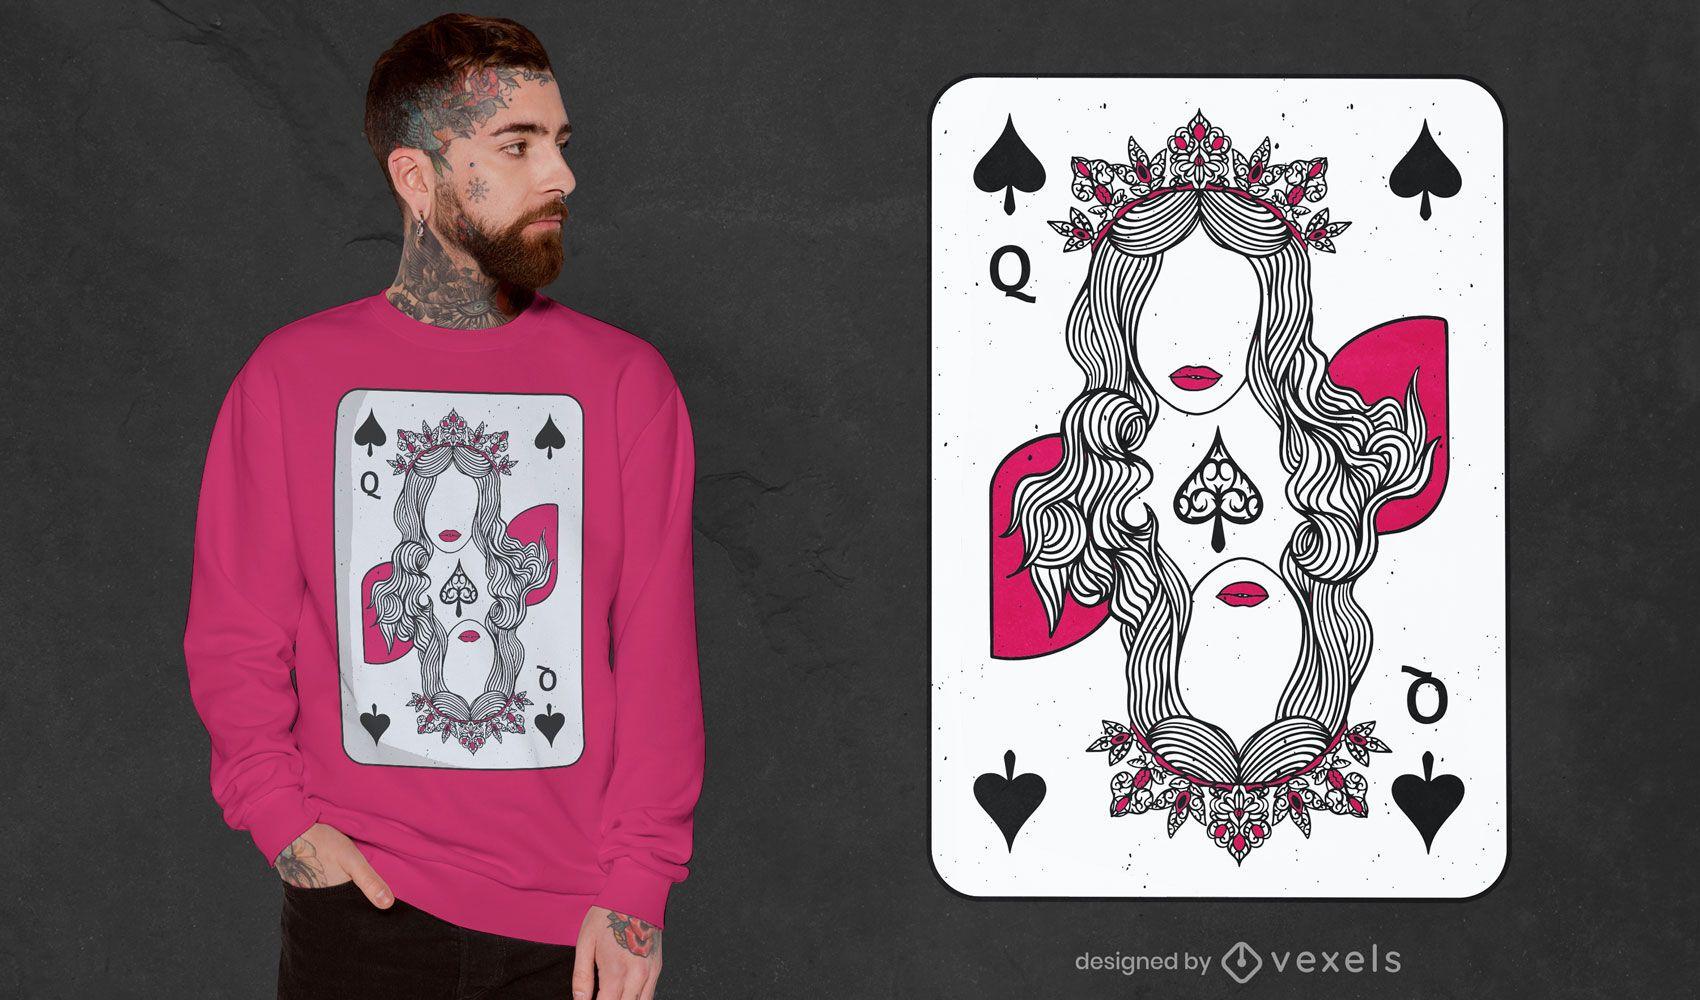 Queen of spades t-shirt design